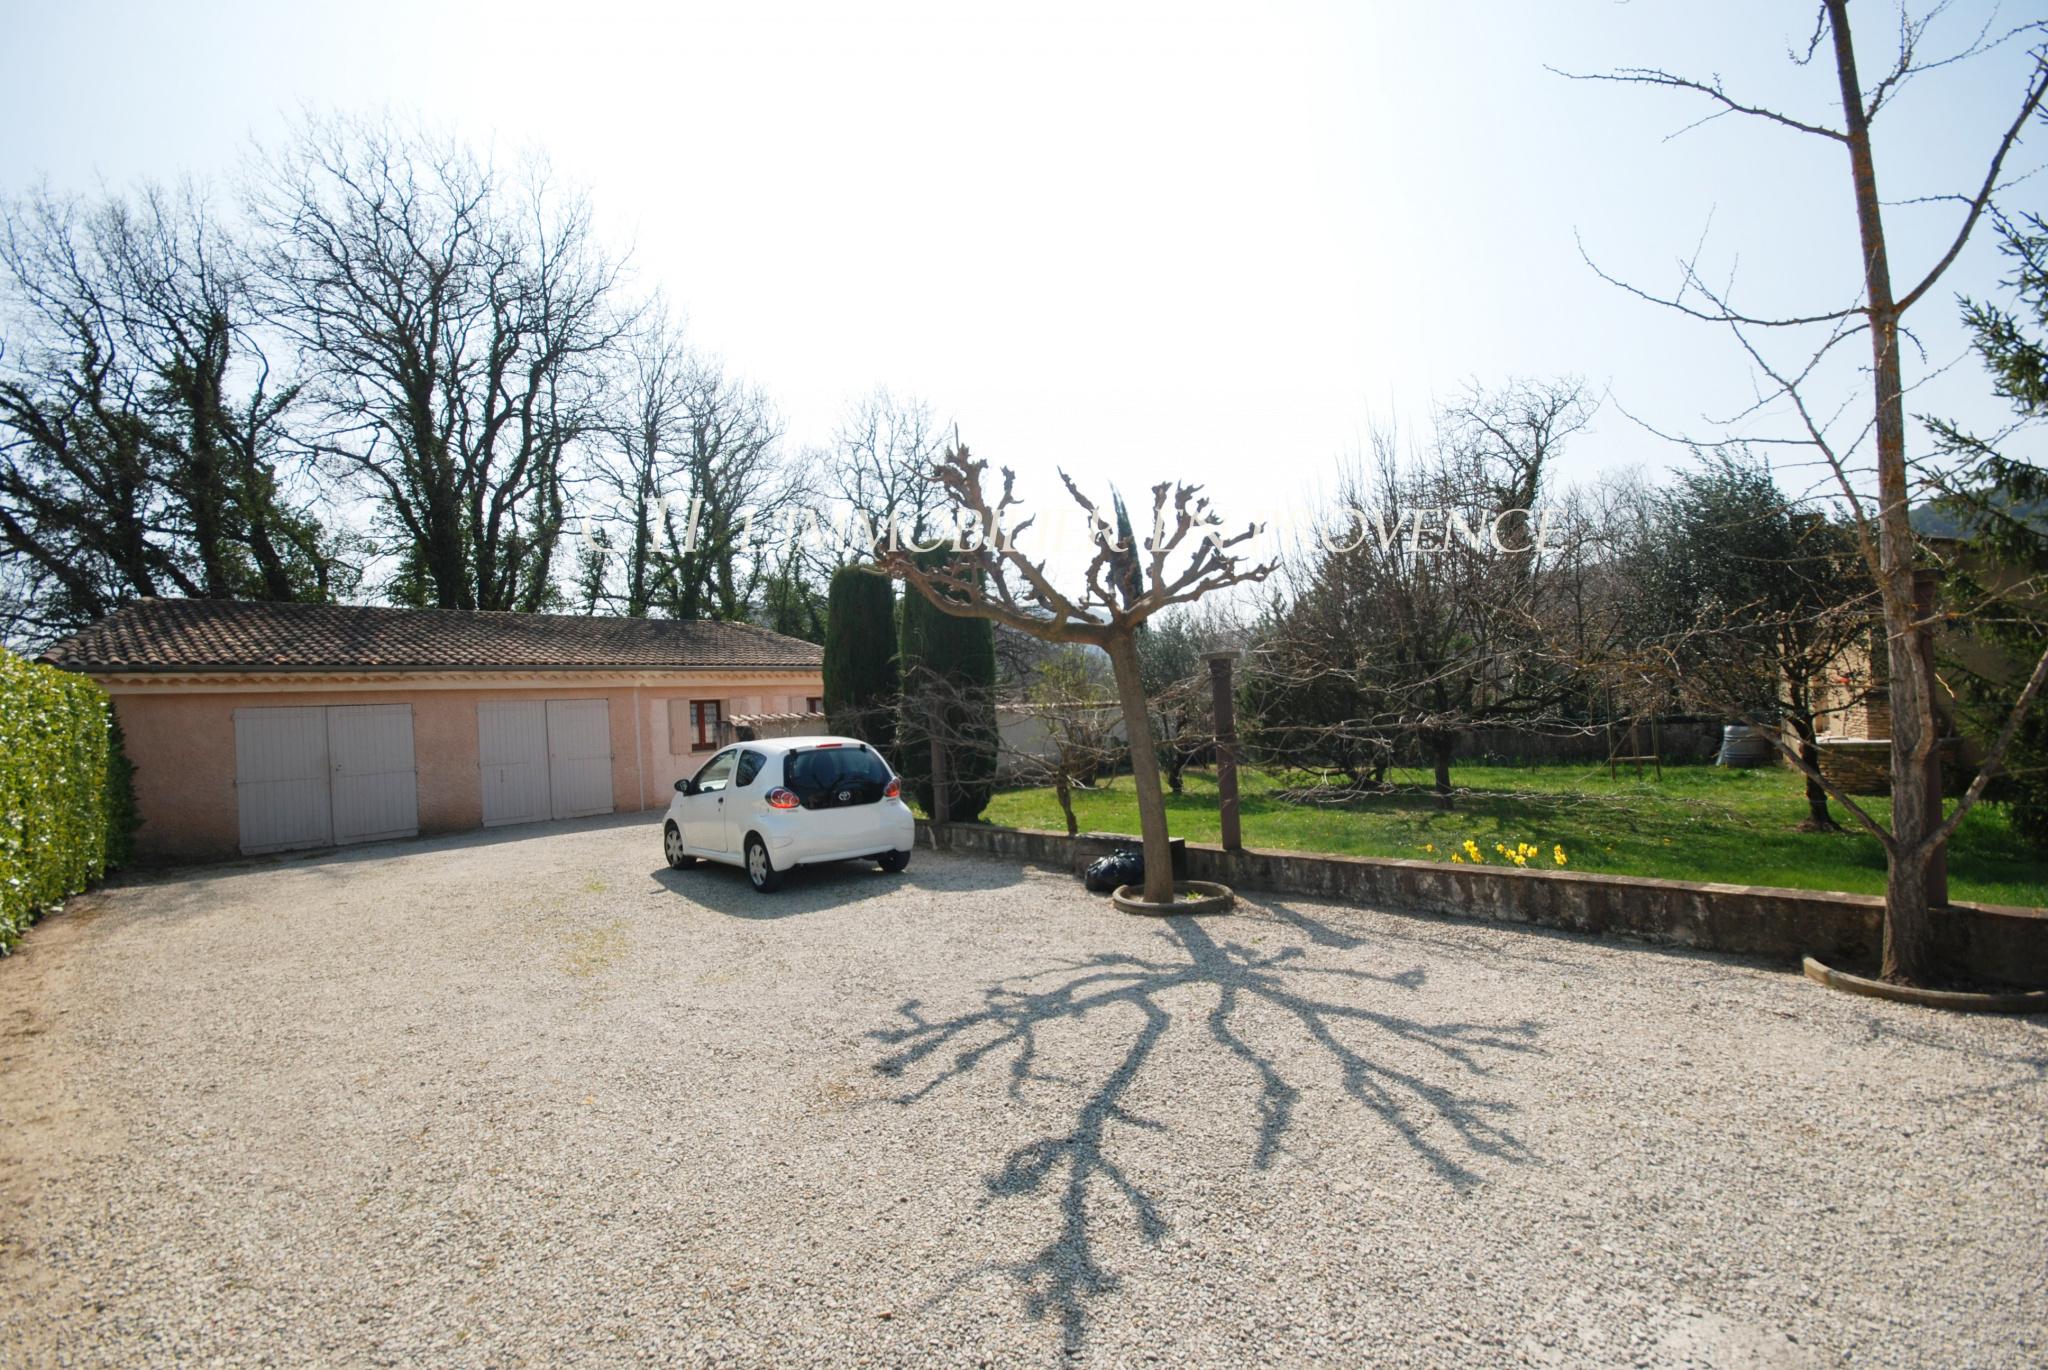 0 www.cti-provence.net, vente grande maison avec 3 logements en viager mixte, terrain clos 3 garages